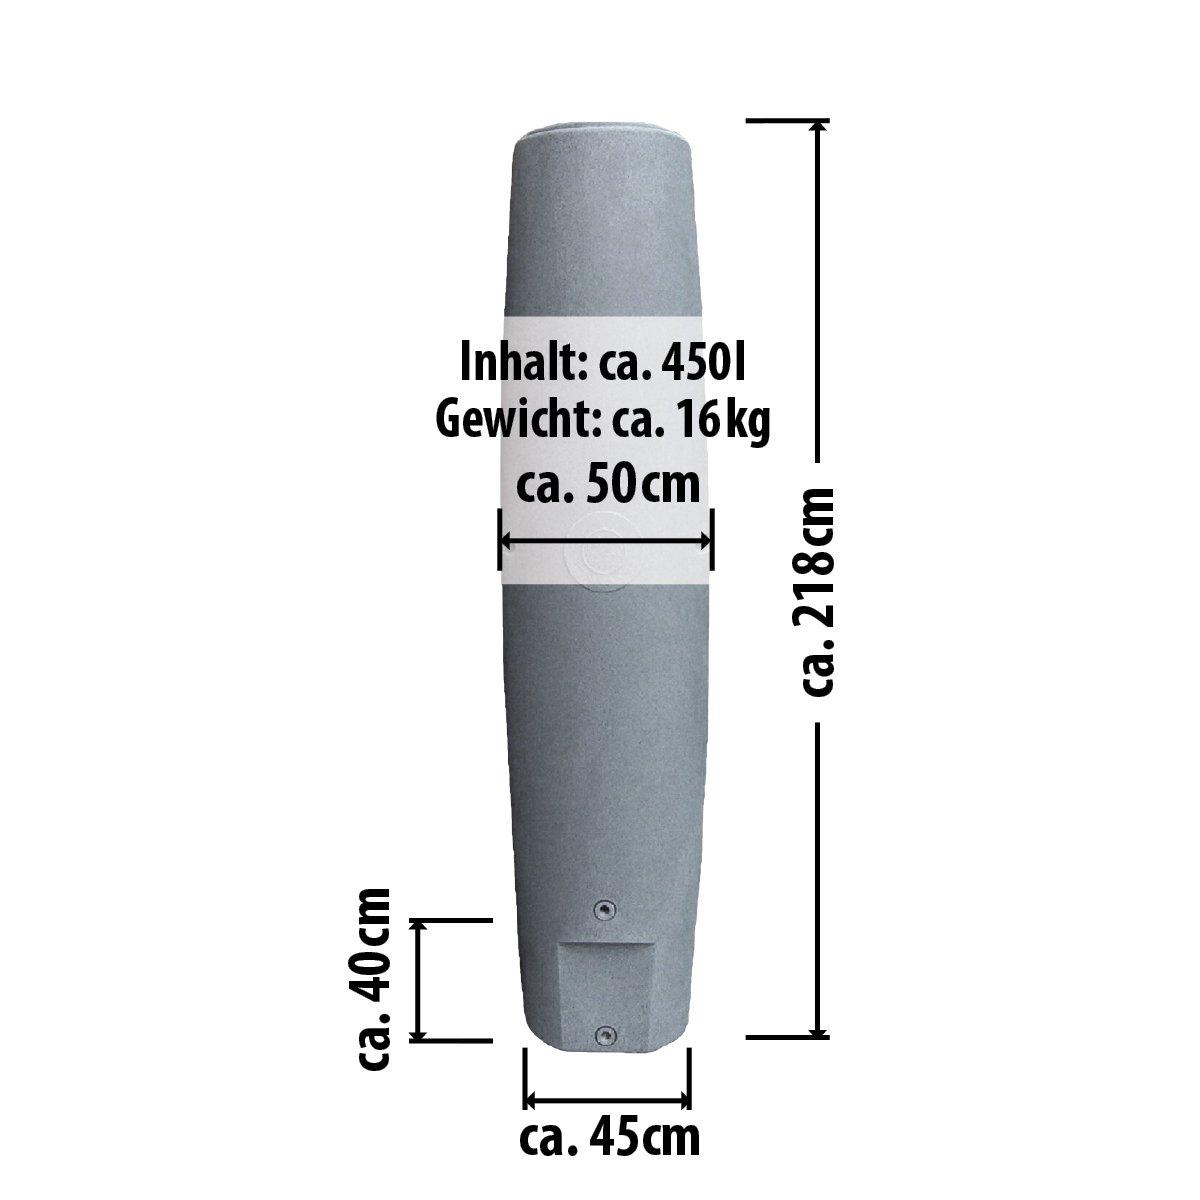 REGENTONNEN S/ÄULEN 250l // 450l // 700l KOMPAKT und PRAKTISCH mit viel Volumen auf KLEINSTER Stellfl/äche! 450L, Granit-Grau REGENSPEICHER REGENBEH/ÄLTER das schlanke REGEN-WASSER-FASS